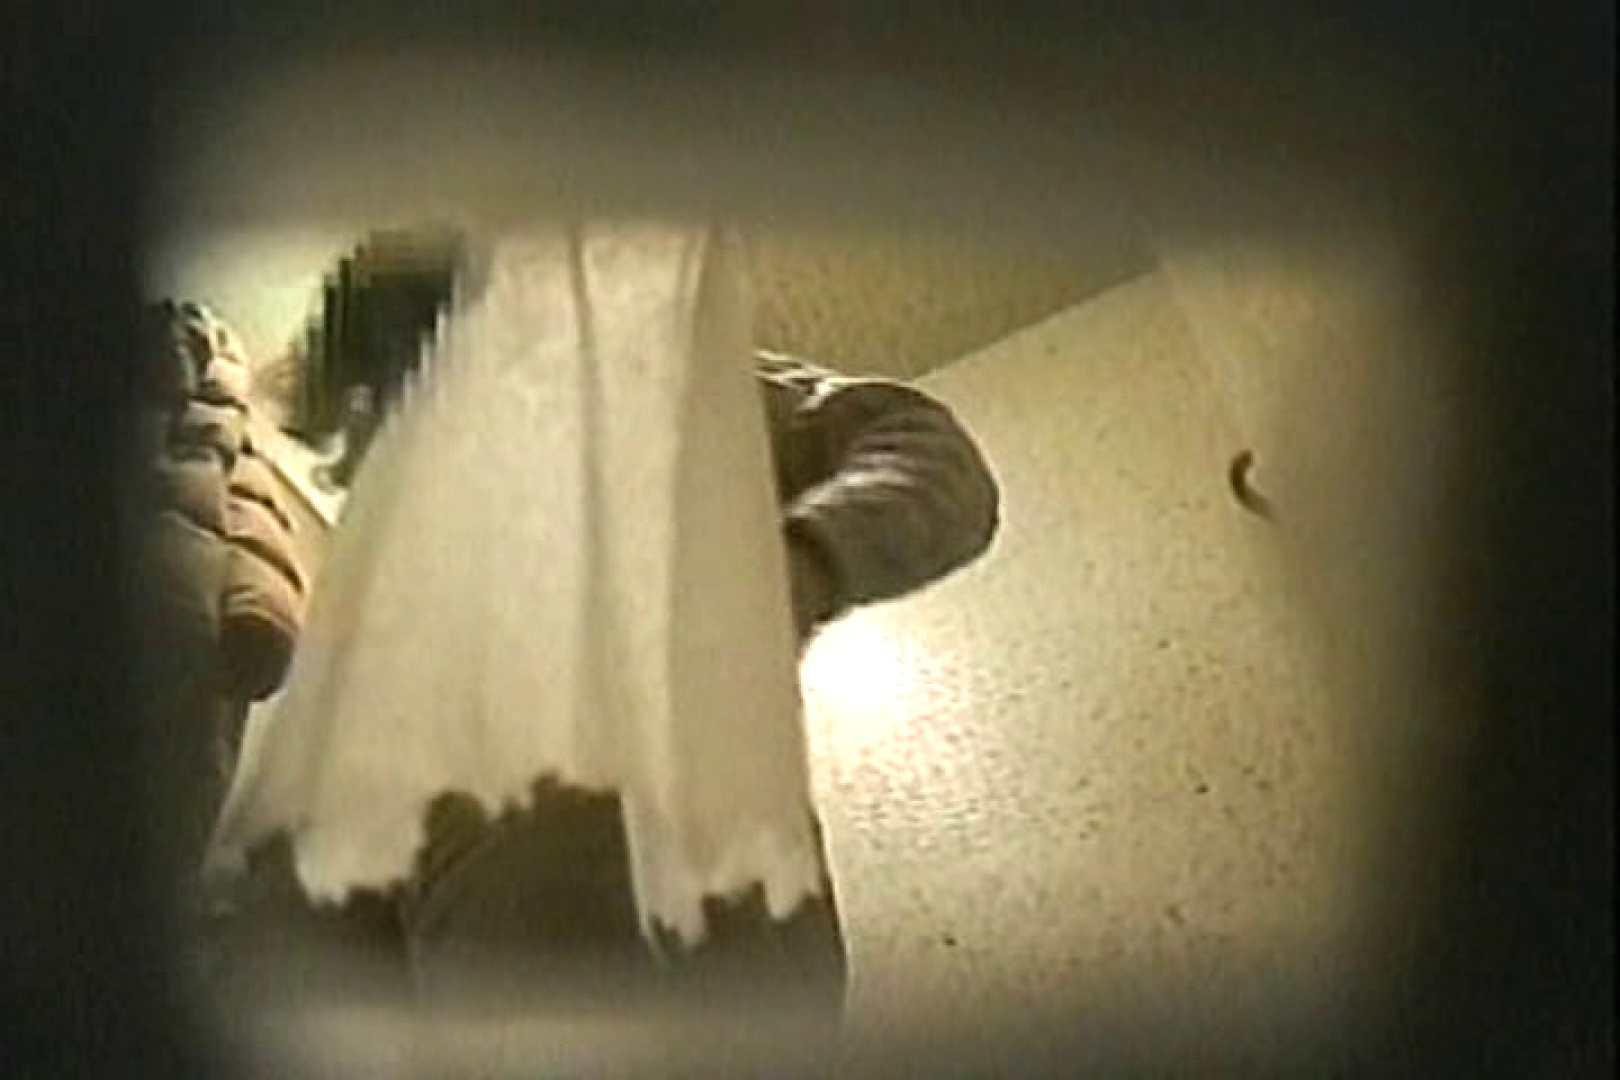 女子洗面所盗撮 今度の2カメは若い子だらけ  TK-127 洗面所  62pic 25